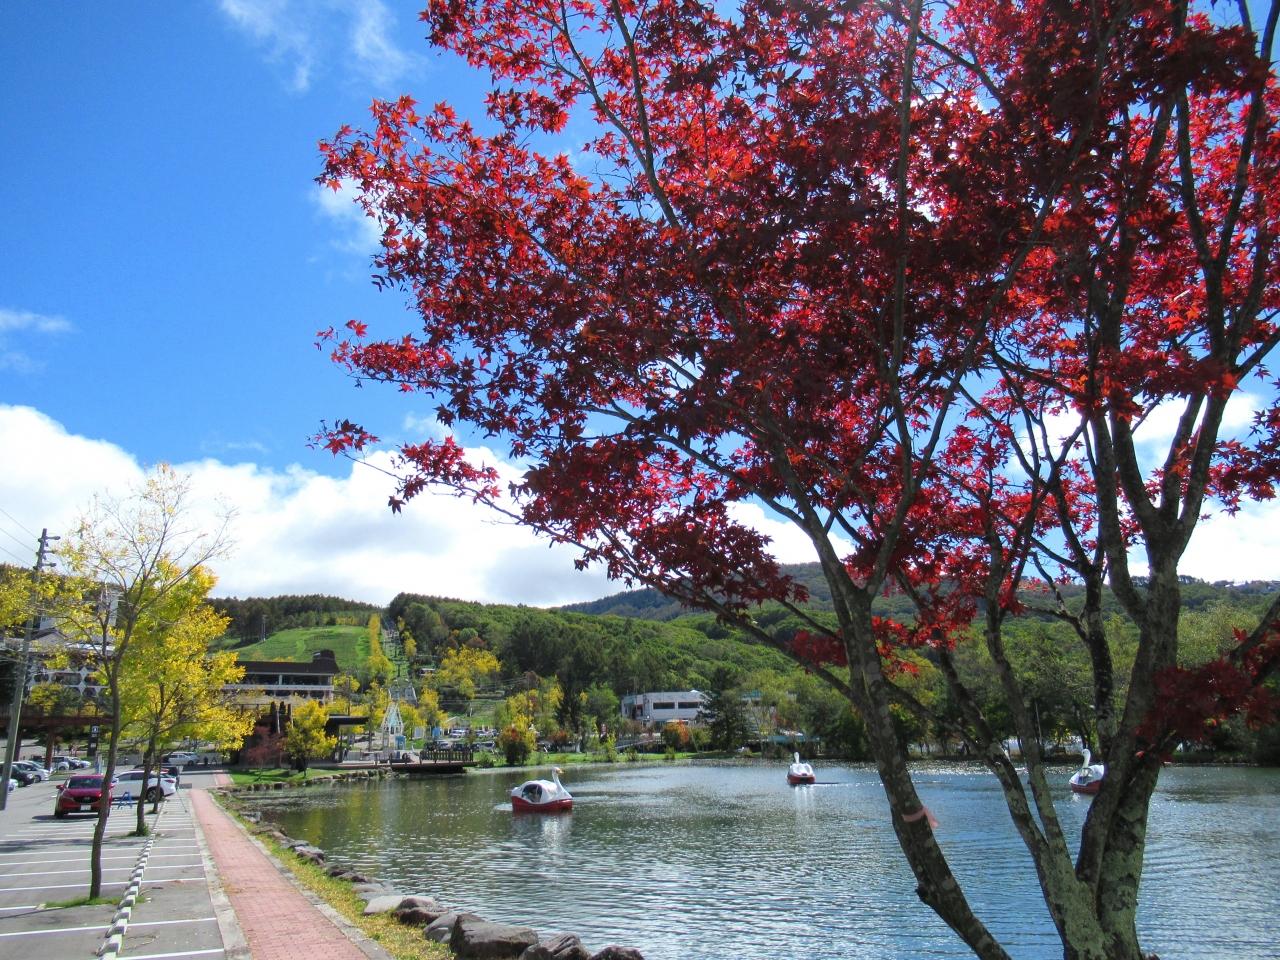 秋 色づき始めた白樺湖と諏訪湖から望む富士 vip御用達のお店